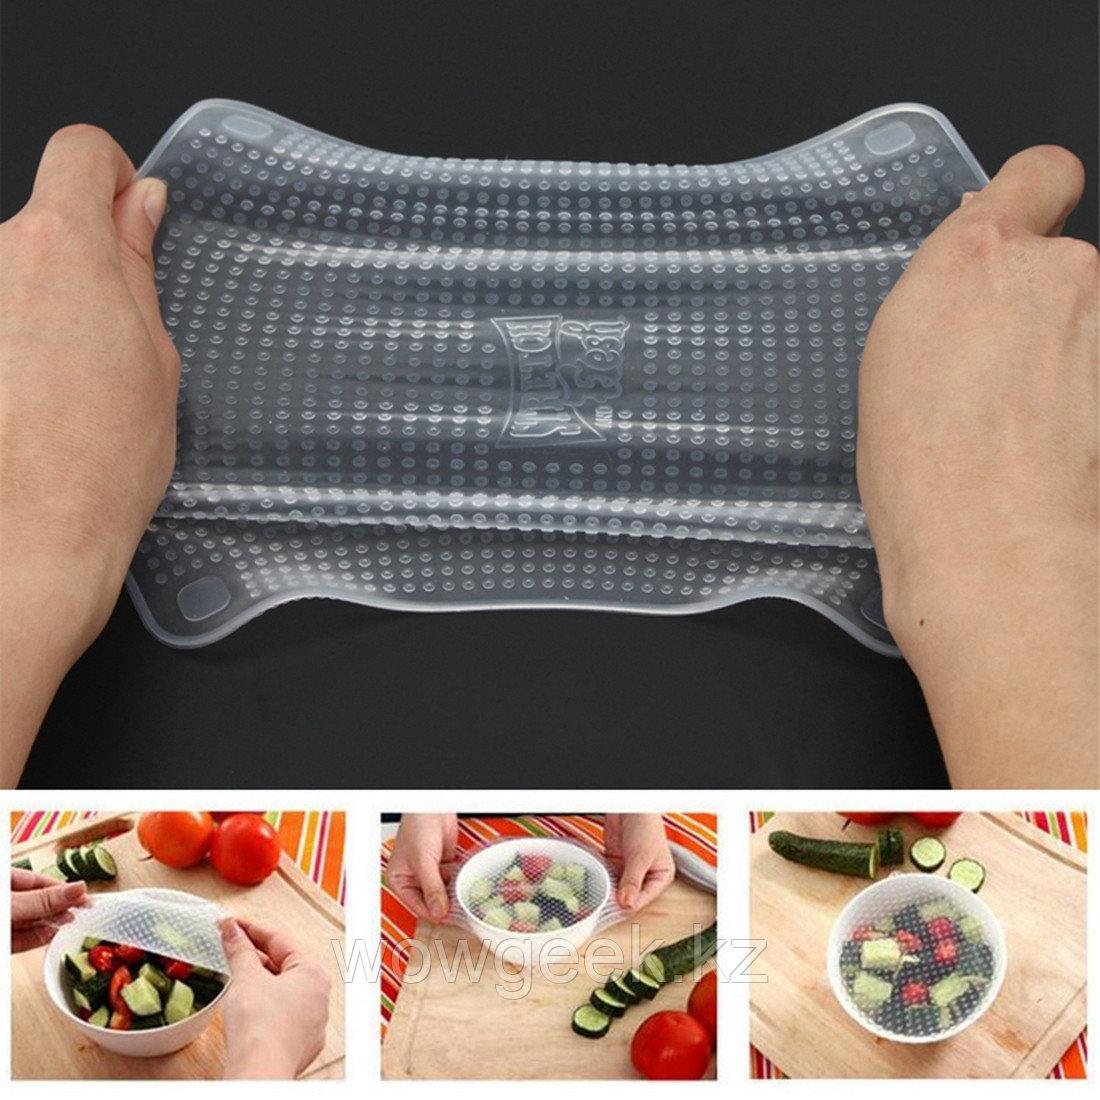 Силиконовые пленки-крышки Stretch and Fresh для хранения продуктов многоразовые - набор 4 шт.